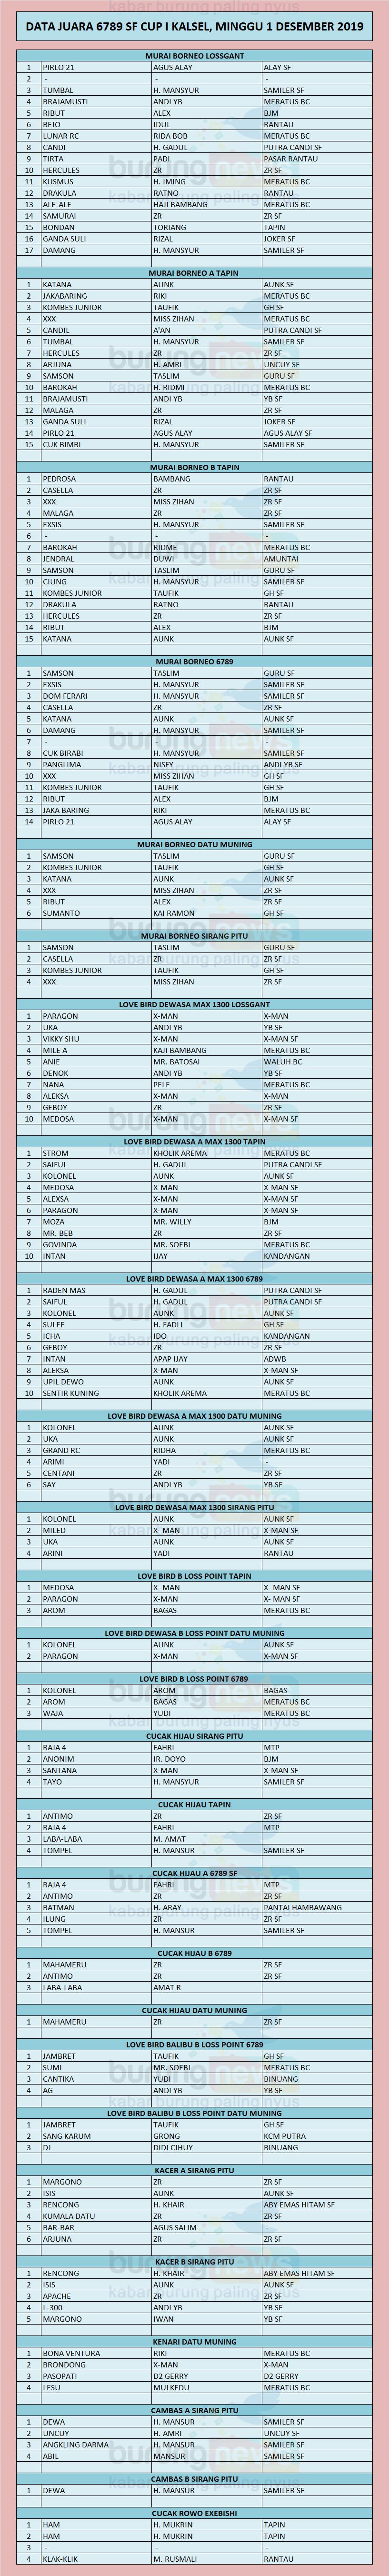 Data Juara 6789 Sf Cup 1 Tapin Kalsel Minggu 1 Desember 2019 Burungnews